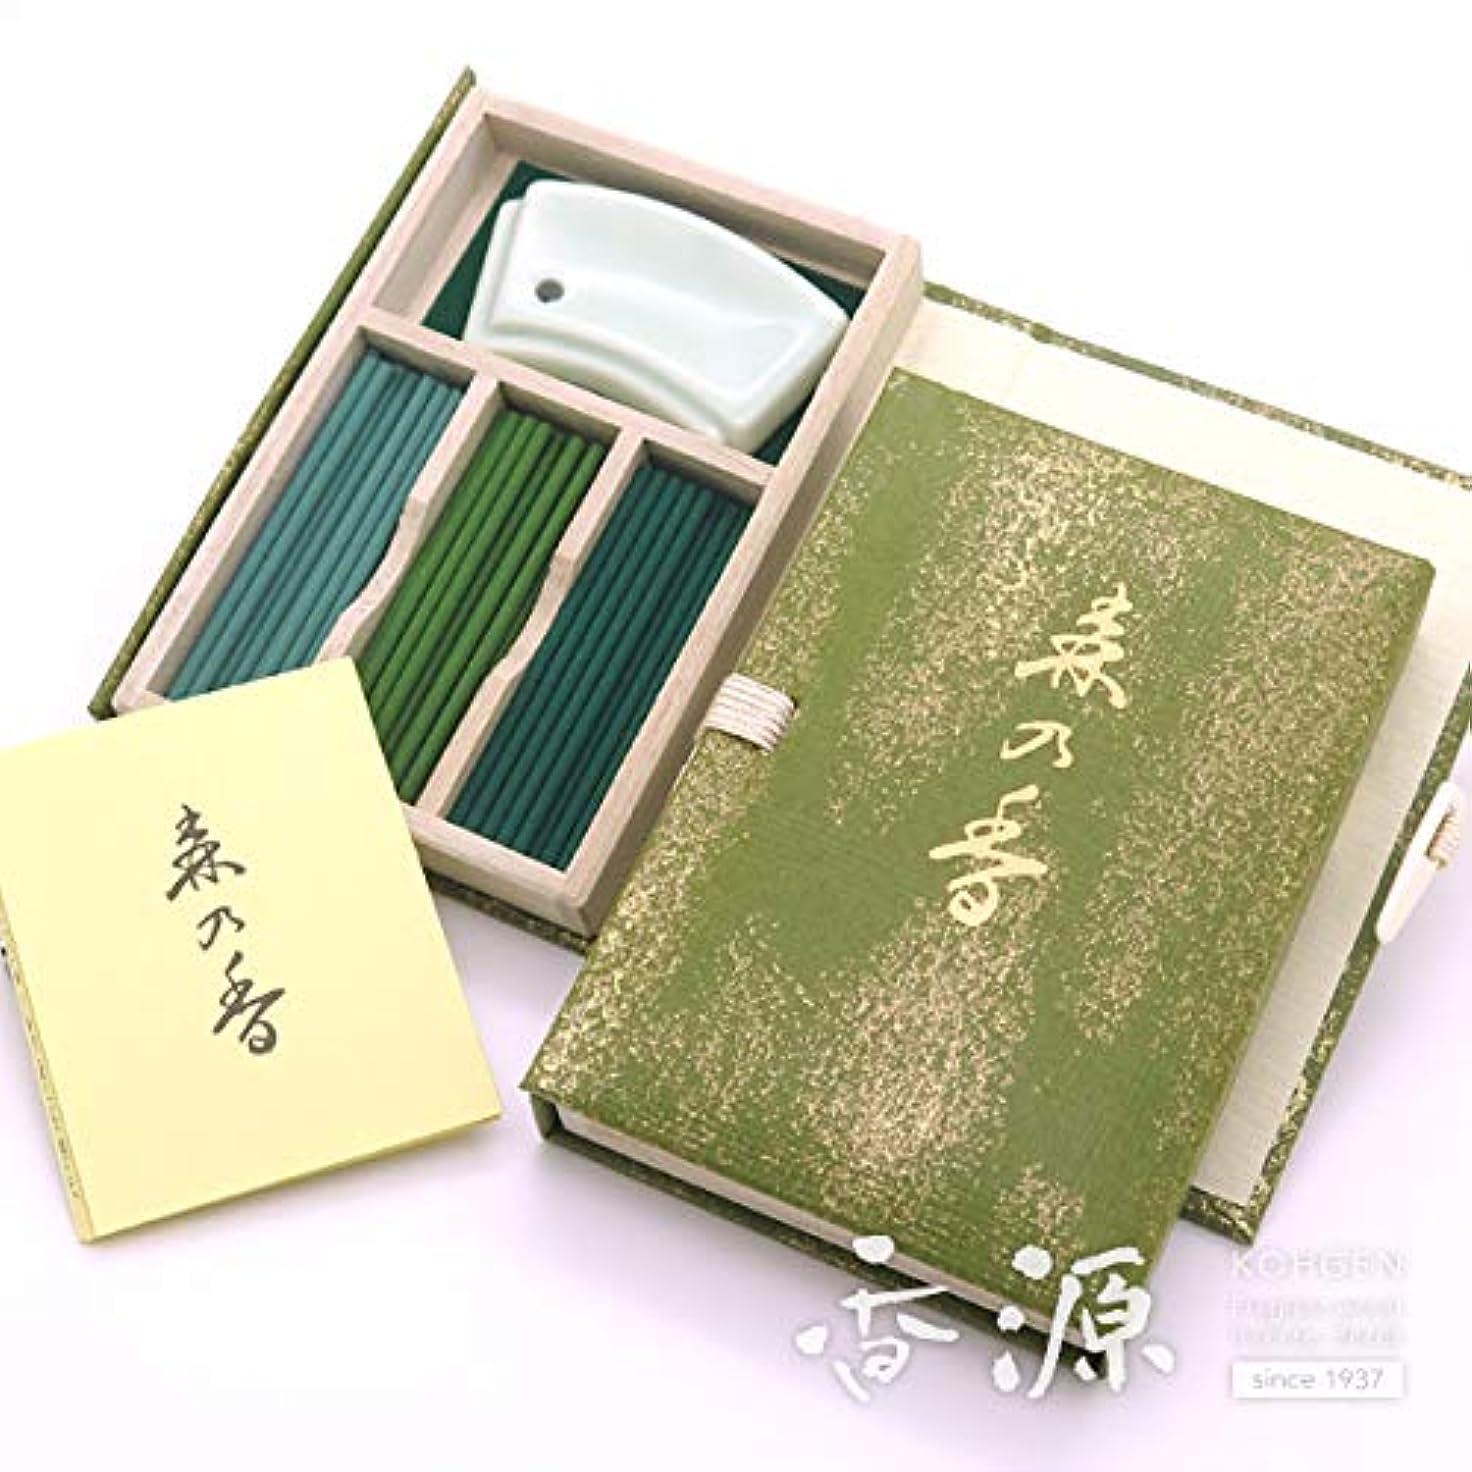 によるとスキャン鑑定日本香堂のお香 森の香 スティックミニ寸文庫型 60本入り